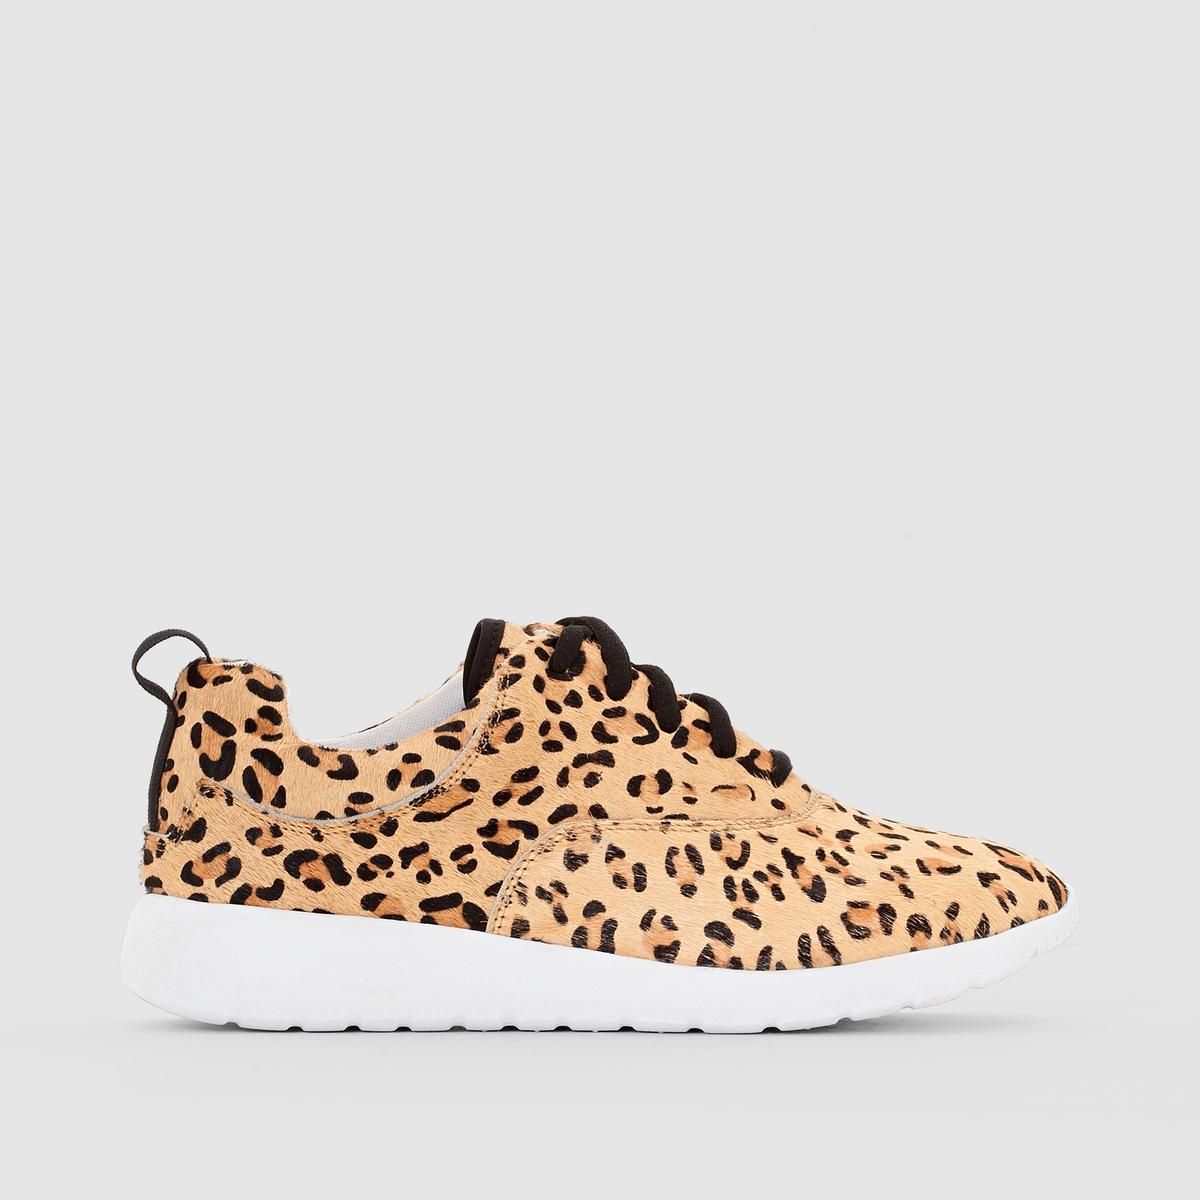 КедыПреимущества : эти кеды с ворсом и леопардовым принтом в спортивном стиле обладают всем, чтобы нравиться, комфортом - в первую очередь .<br><br>Цвет: леопардовый рисунок<br>Размер: 42.41.40.38